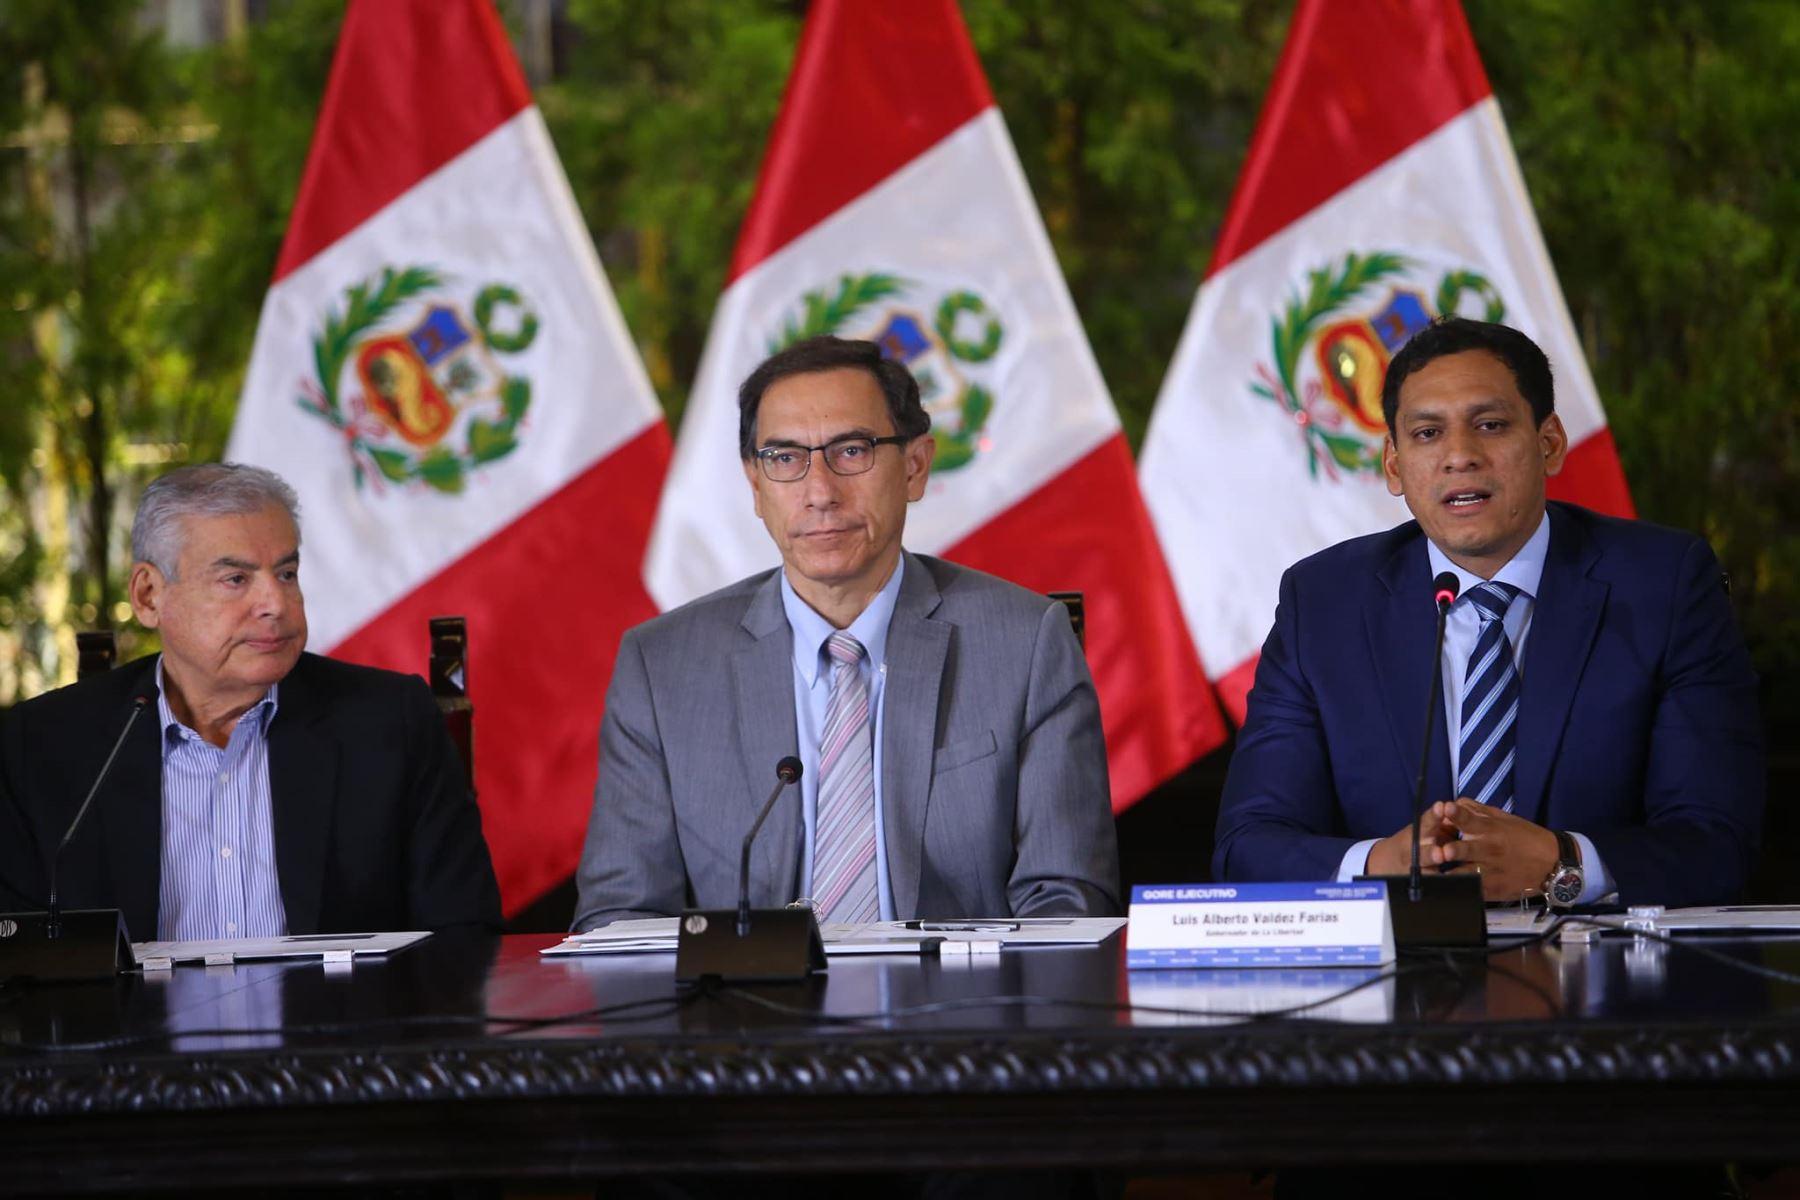 El gobernador regional de La Libertad, Luis Alberto Valdez, participa en Gore-Ejecutivo Extraordinario. Foto: ANDINA/Prensa Presidencia.